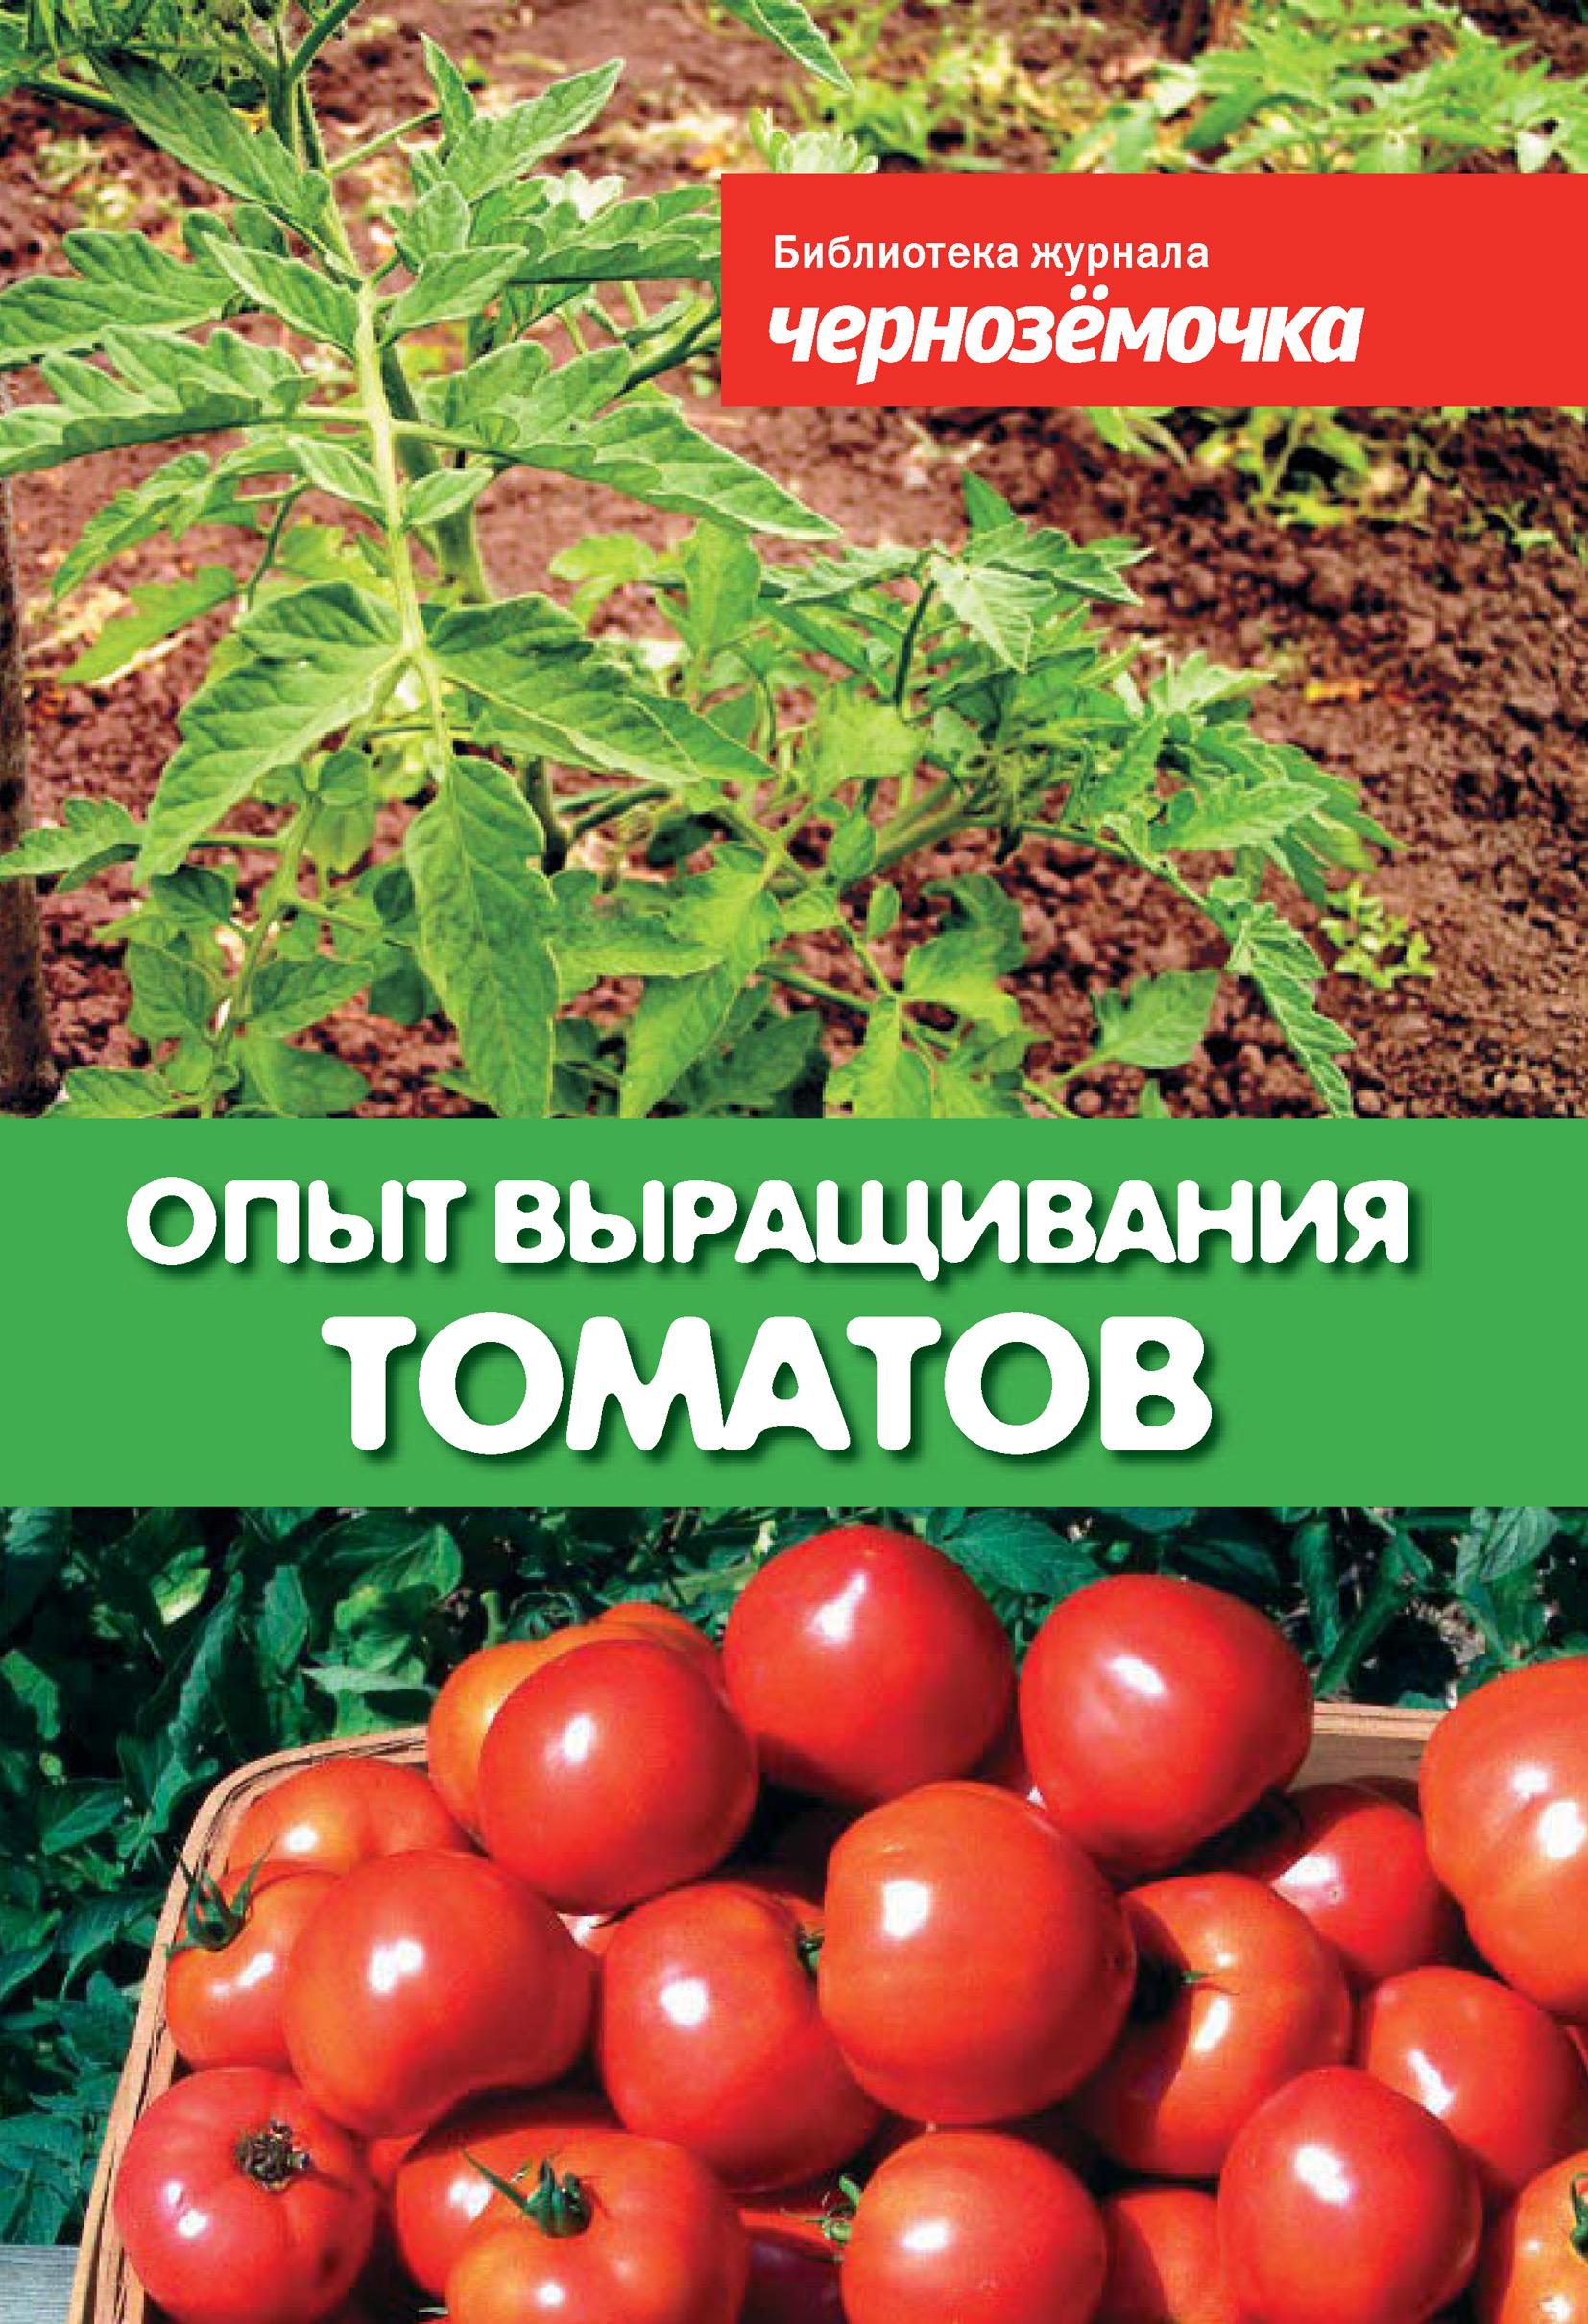 Опыт выращивания томатов